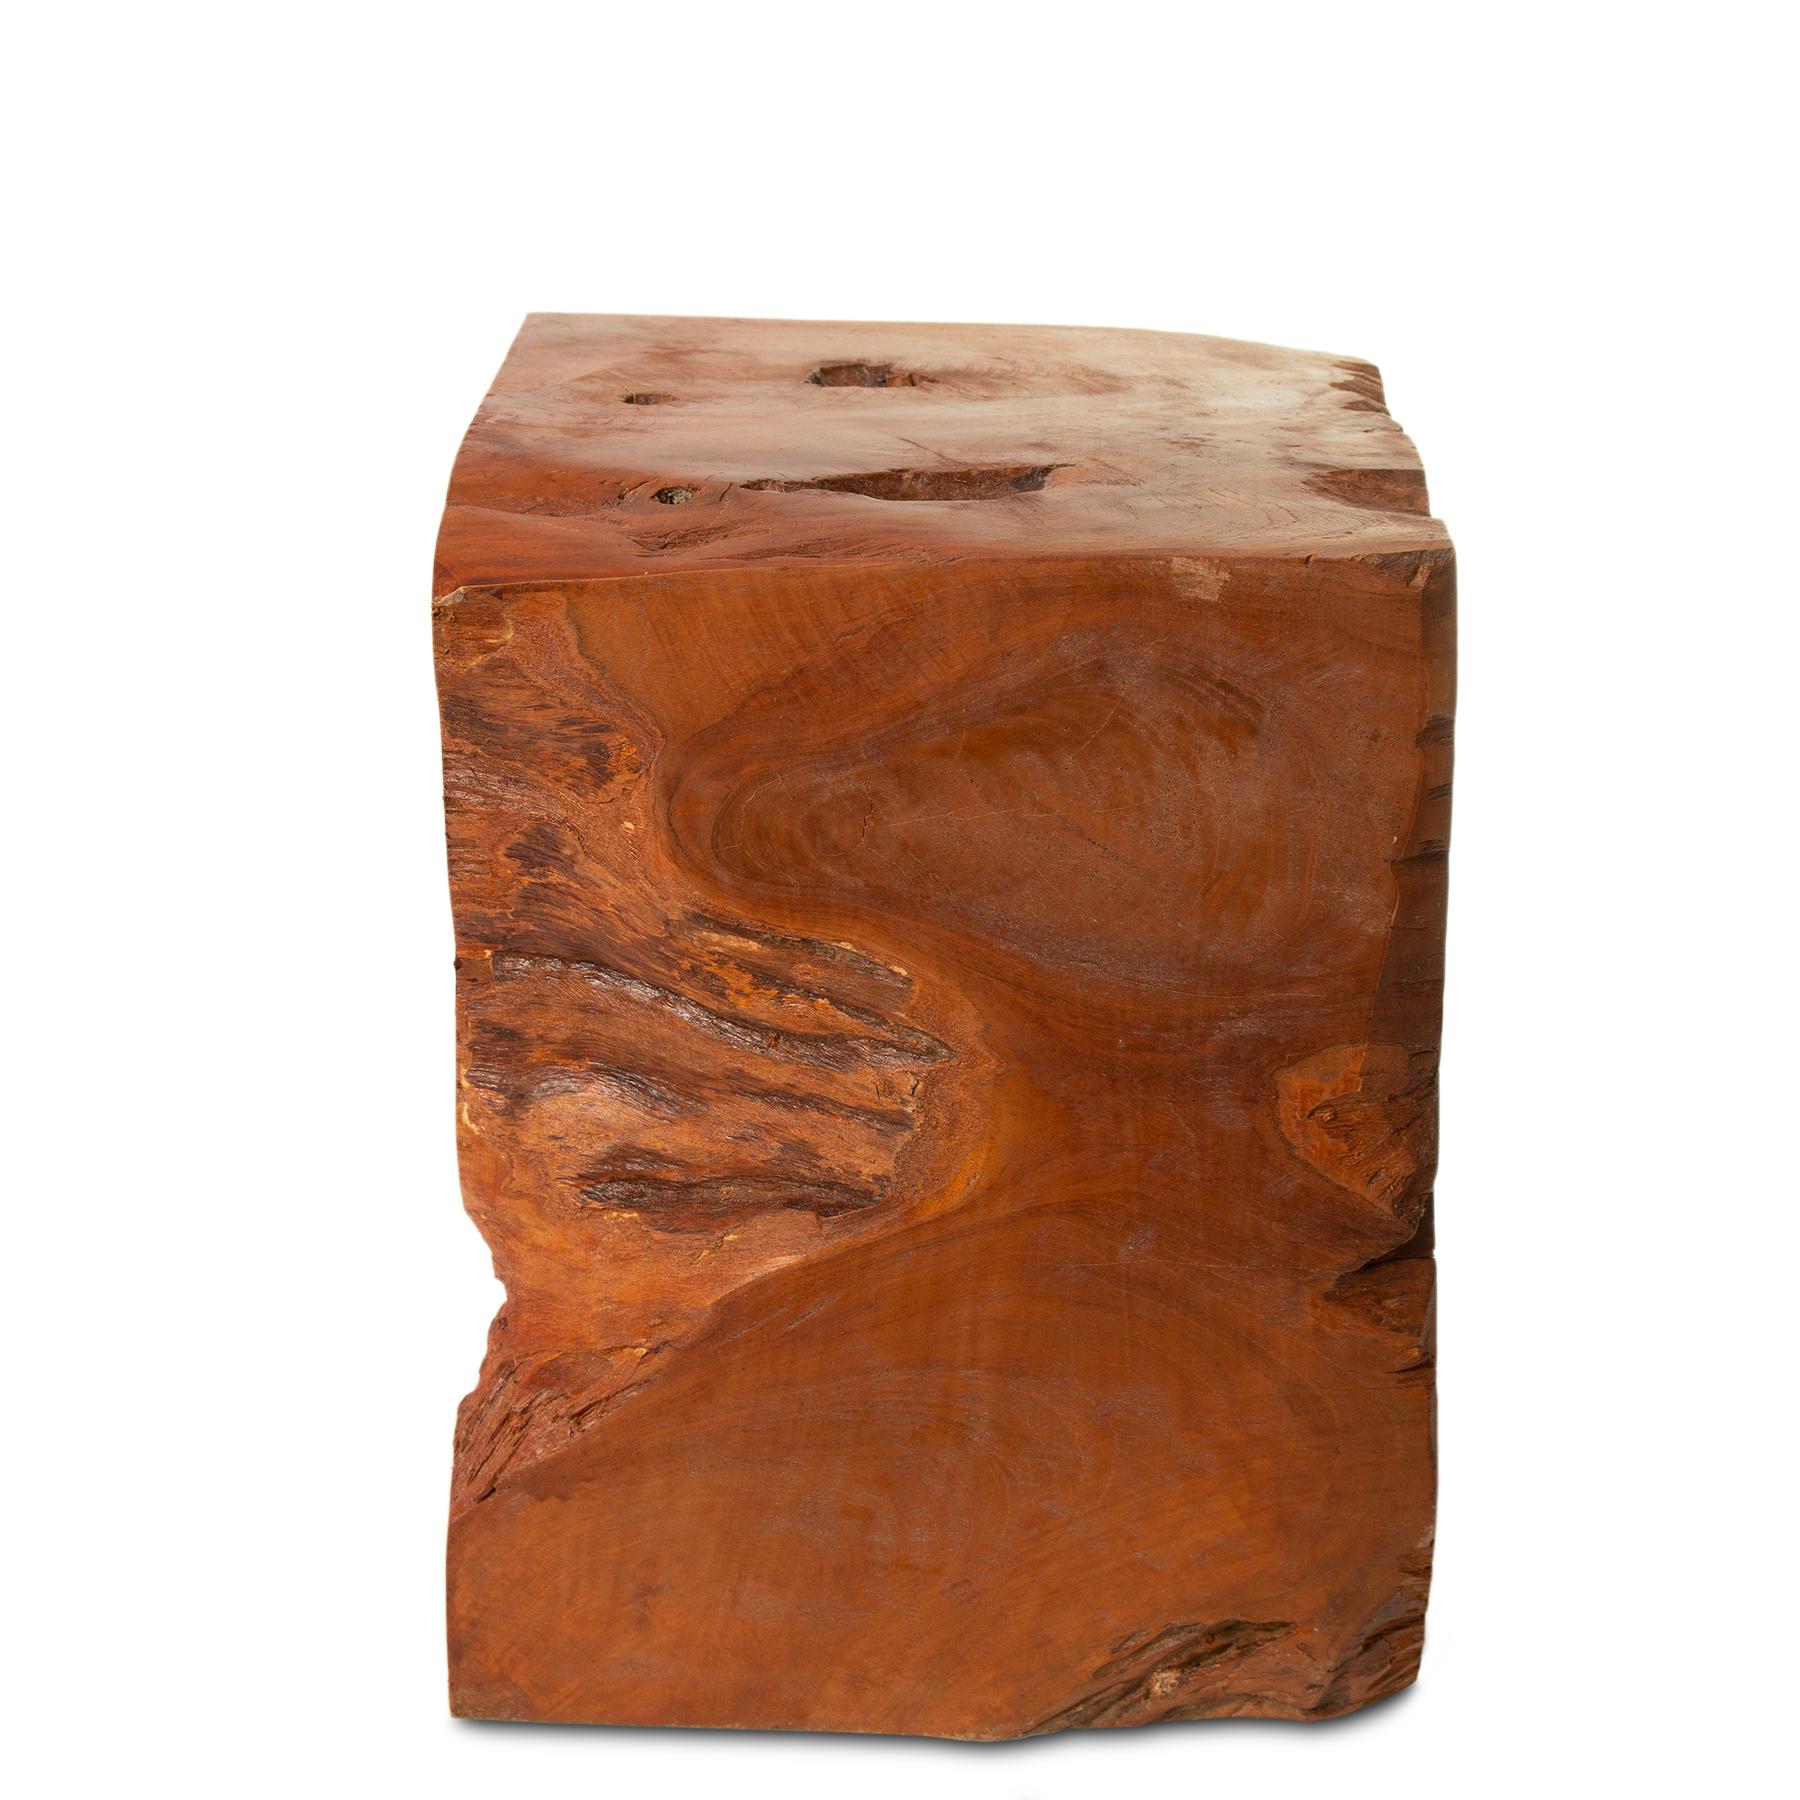 Teak Hocker ca. 40cm hoch Pfanzenhocker Beistelltisch Massiv Wurzelholz – Bild 5